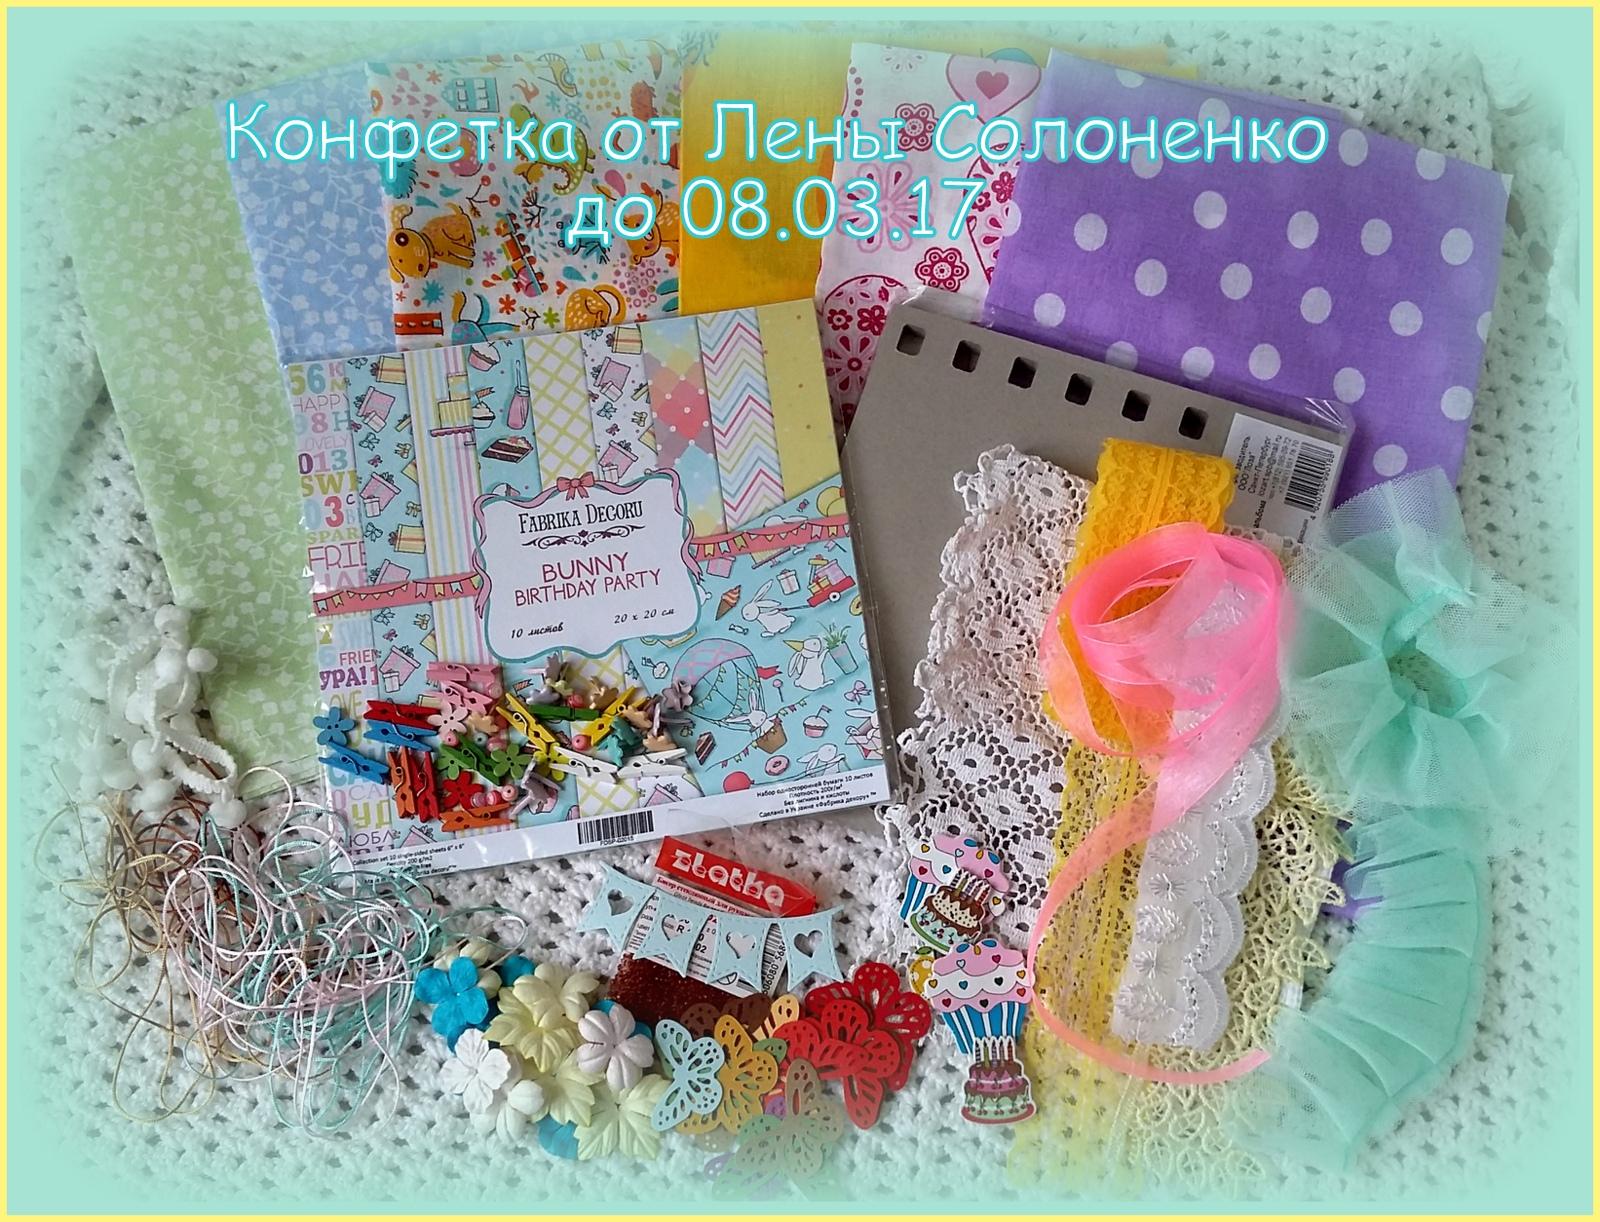 Конфетка от Елены Солоненко до 08/03